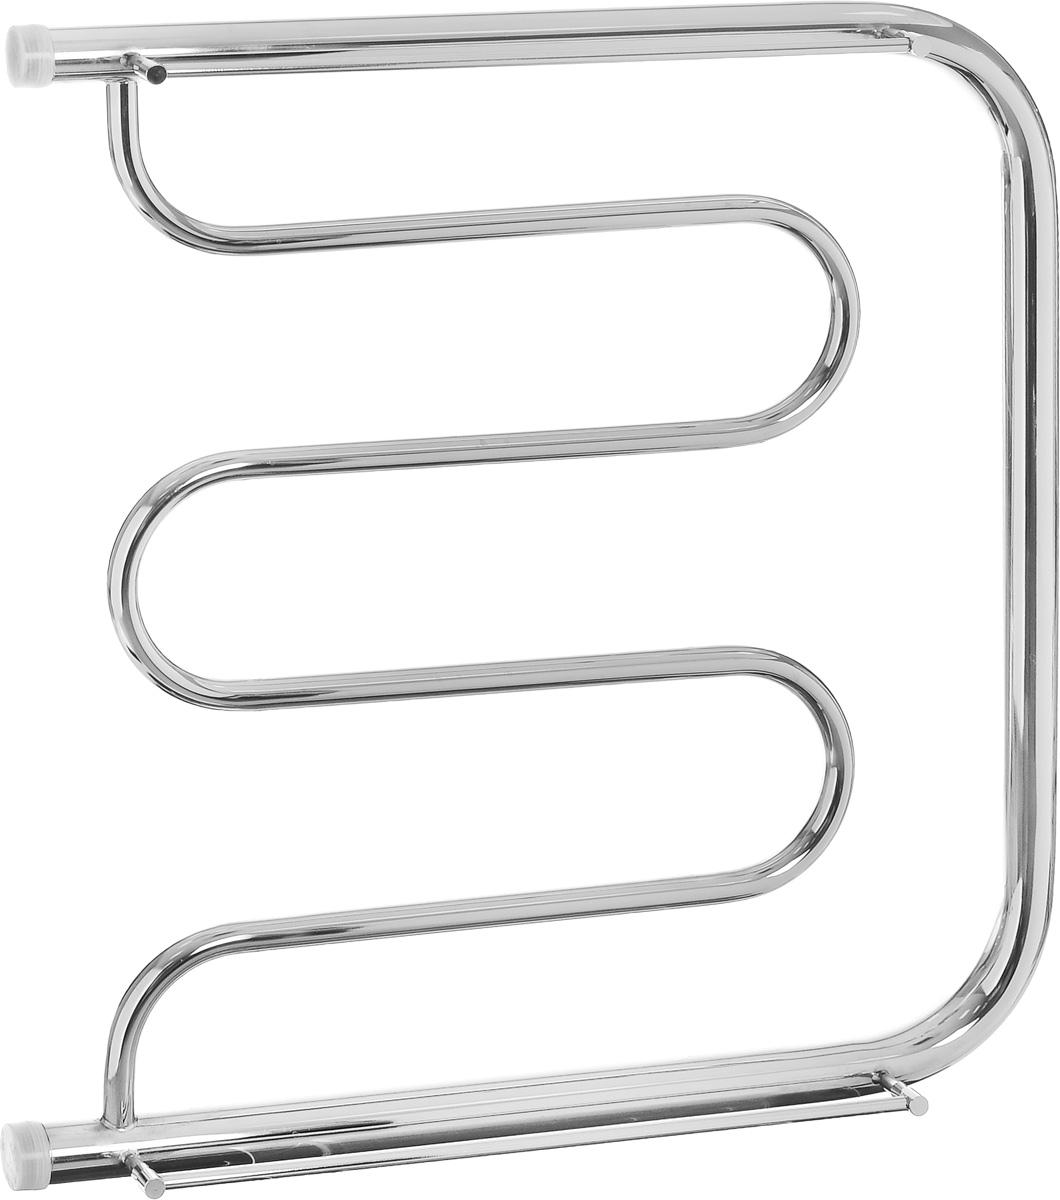 Полотенцесушитель  Terminus , MП-образный, боковое подключение, 60 х 60 см, диаметр 32/20 мм, 1  - Сантехника и санфаянс